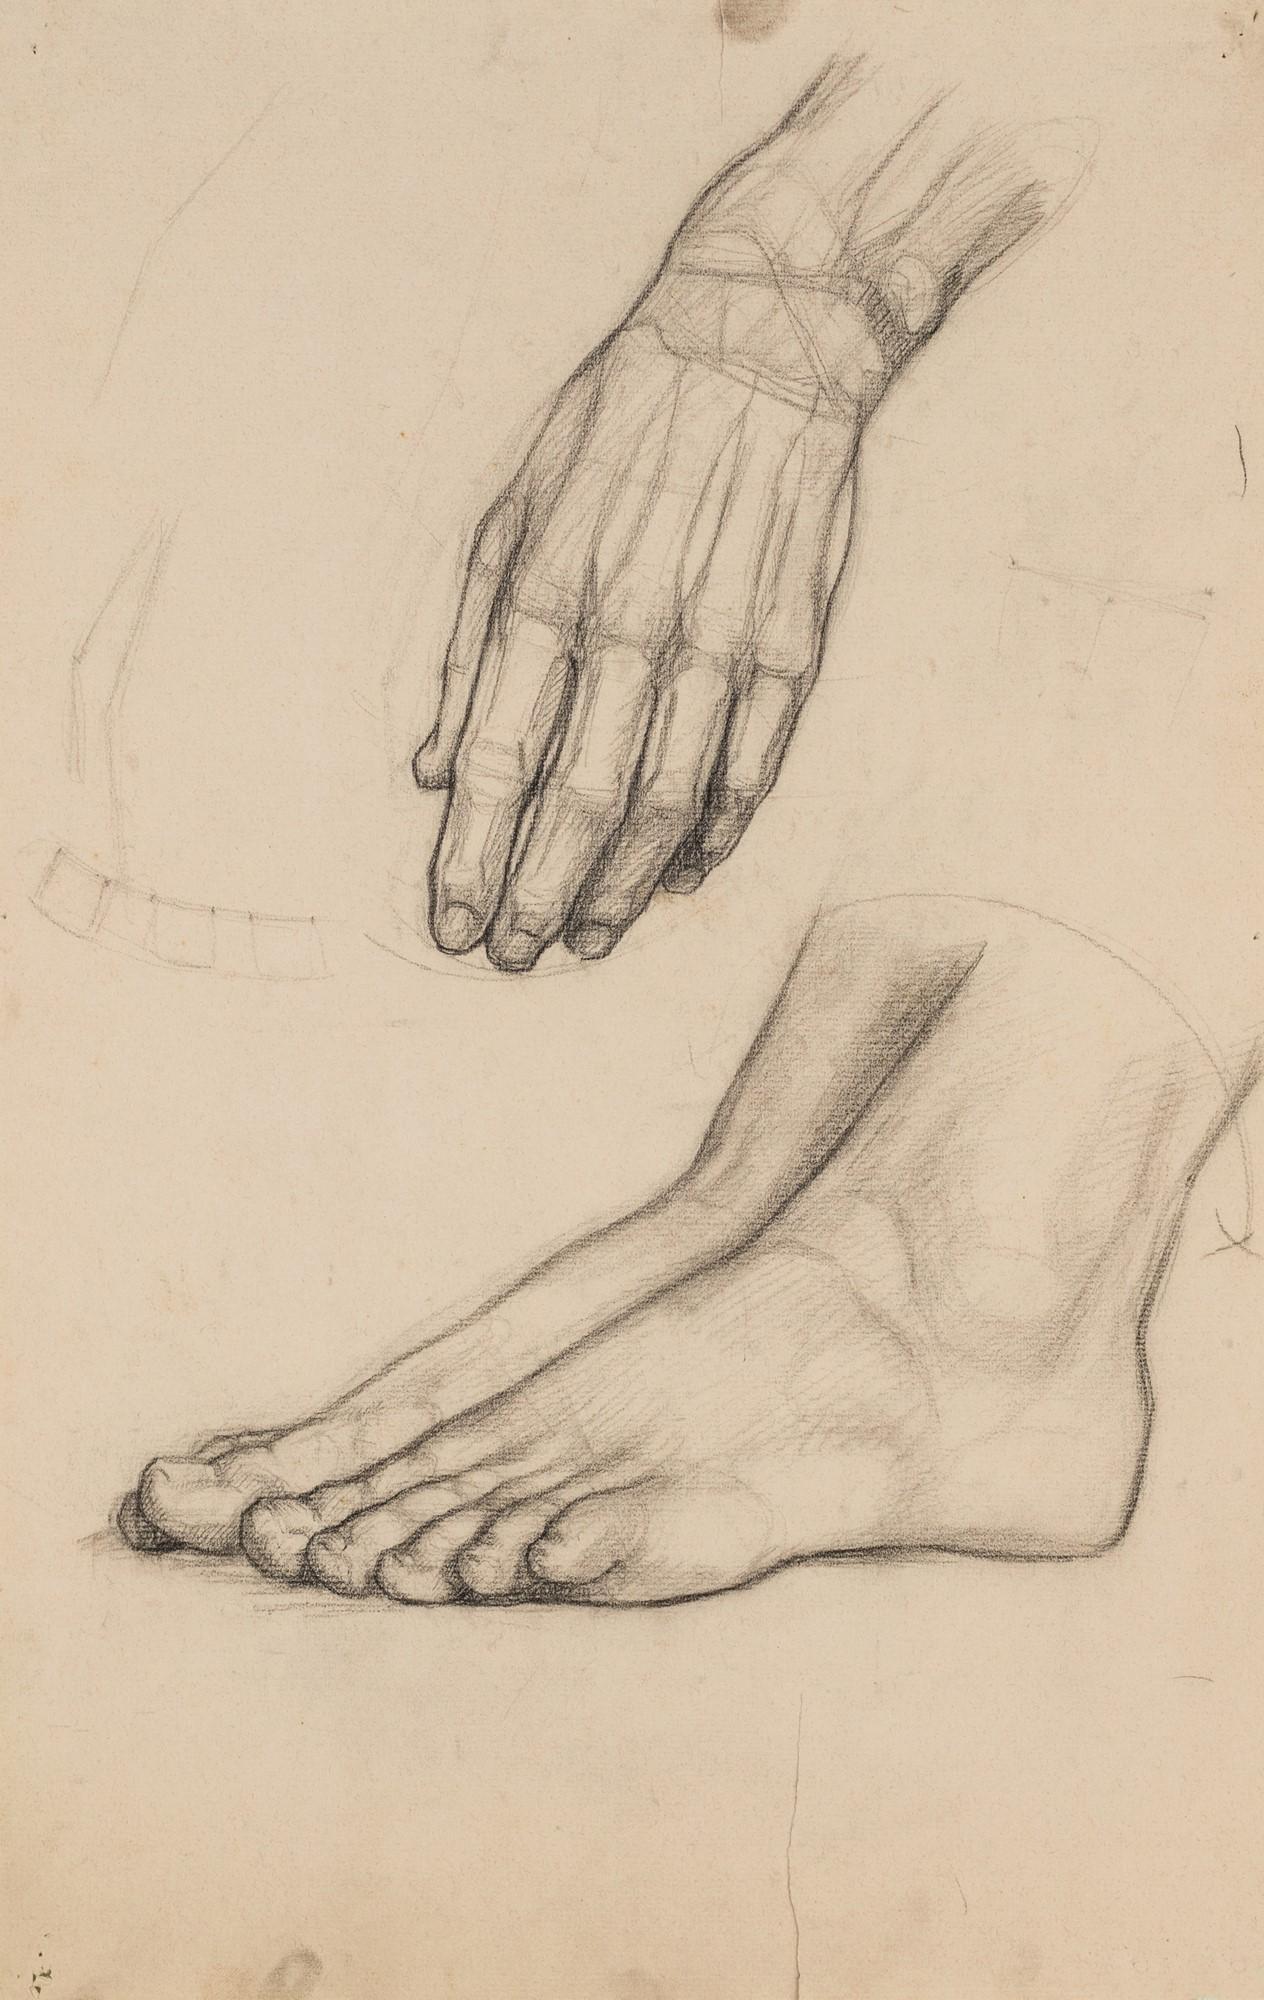 Nineteen drawings depicting studies on human anatomy